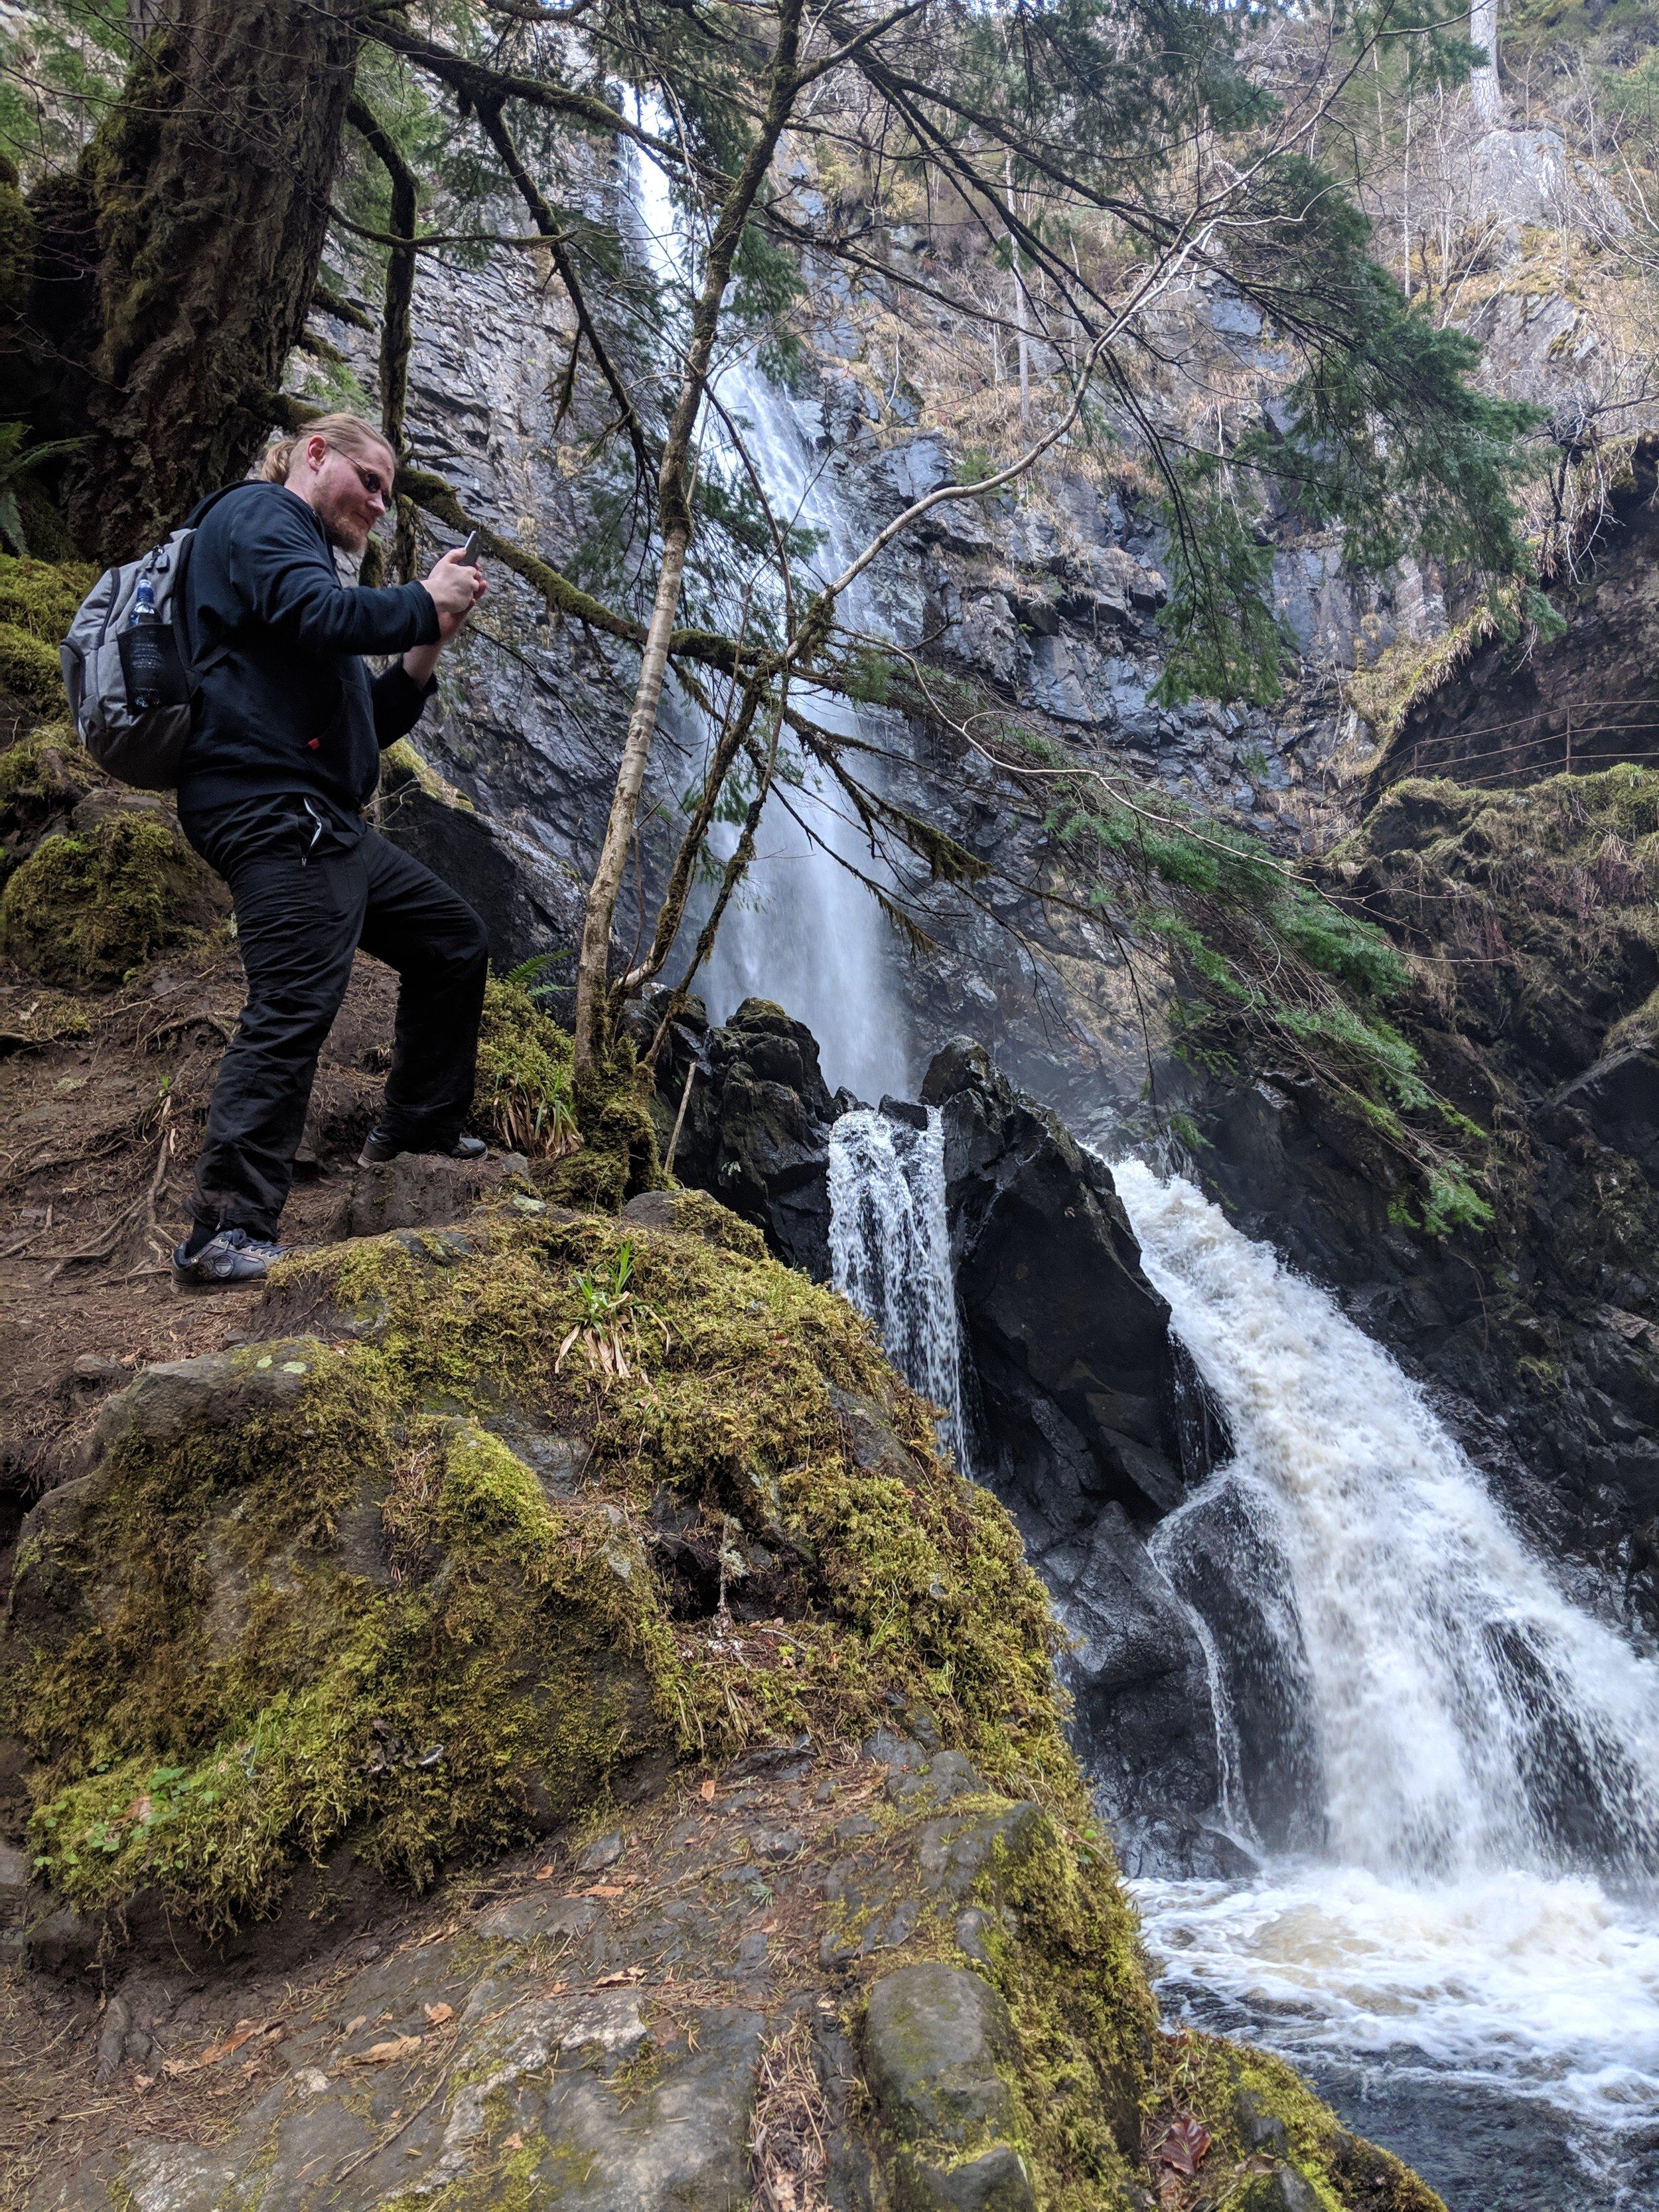 Plodda Falls 1.jpg